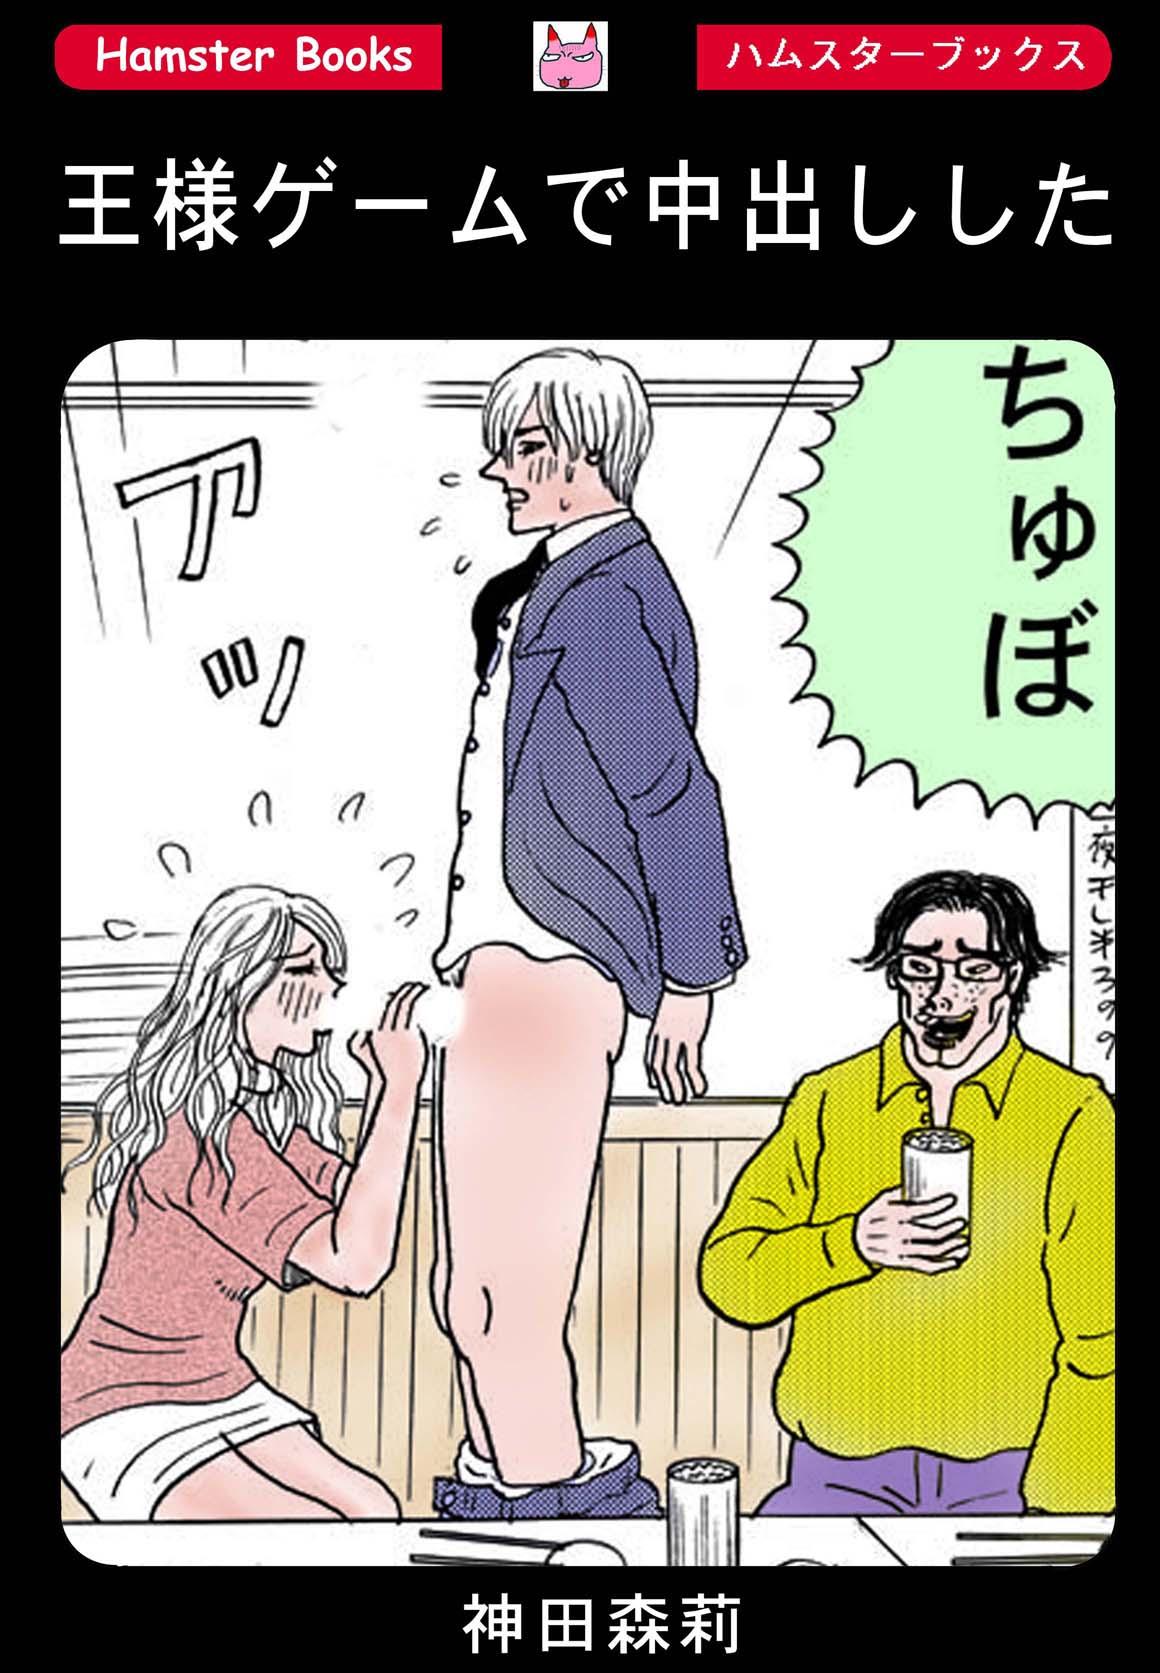 ホラー漫画画像001_20110721173909.jpg